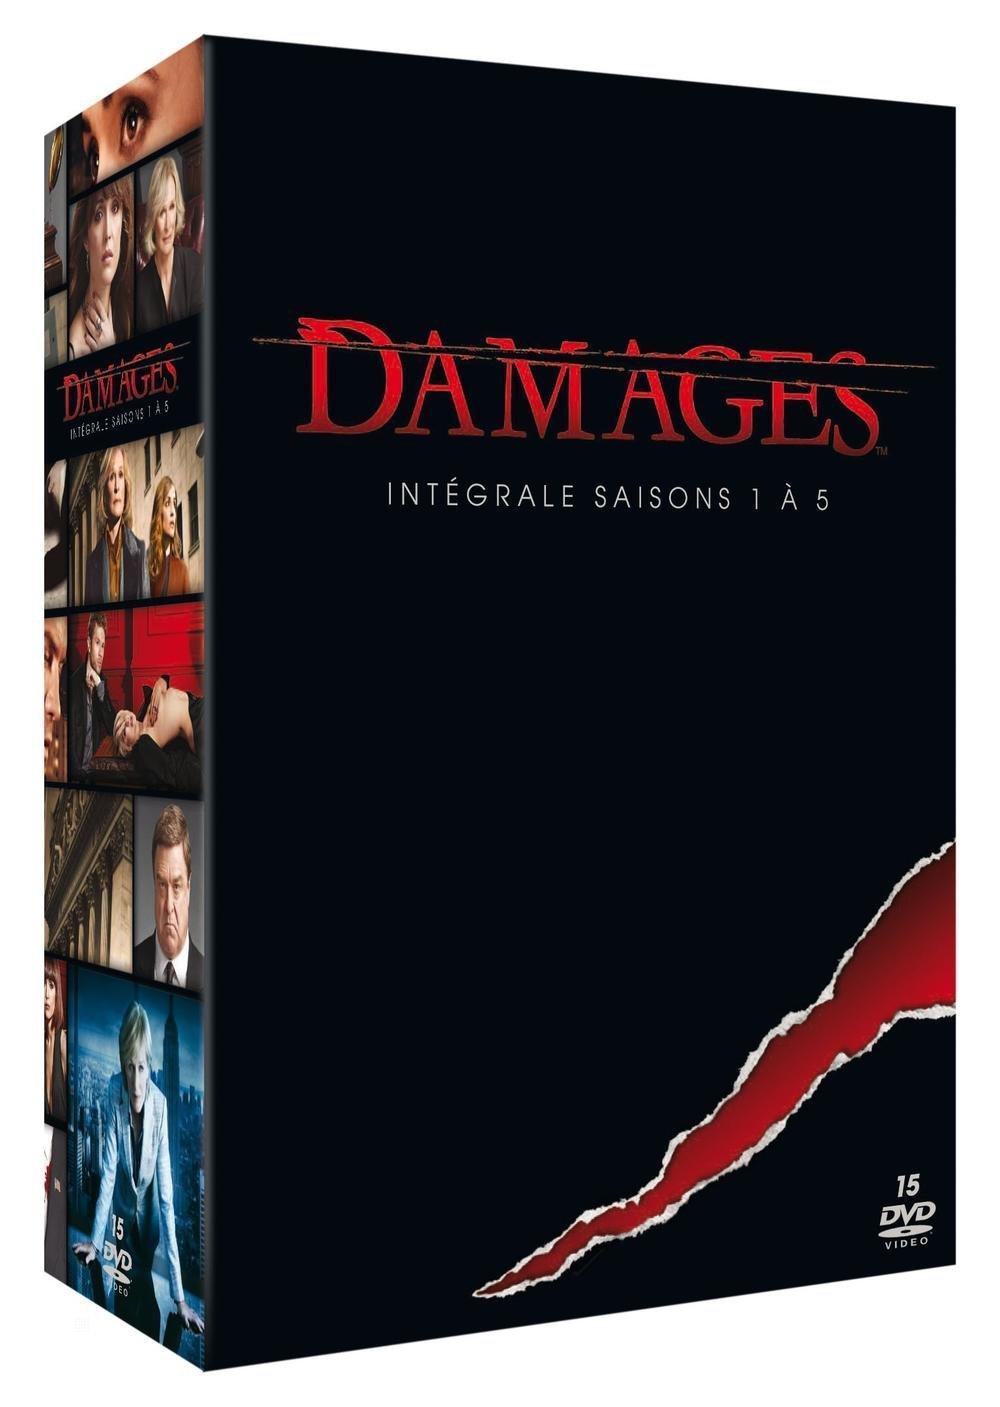 Coffret DVD Damages - Intégrale saisons 1 à 5